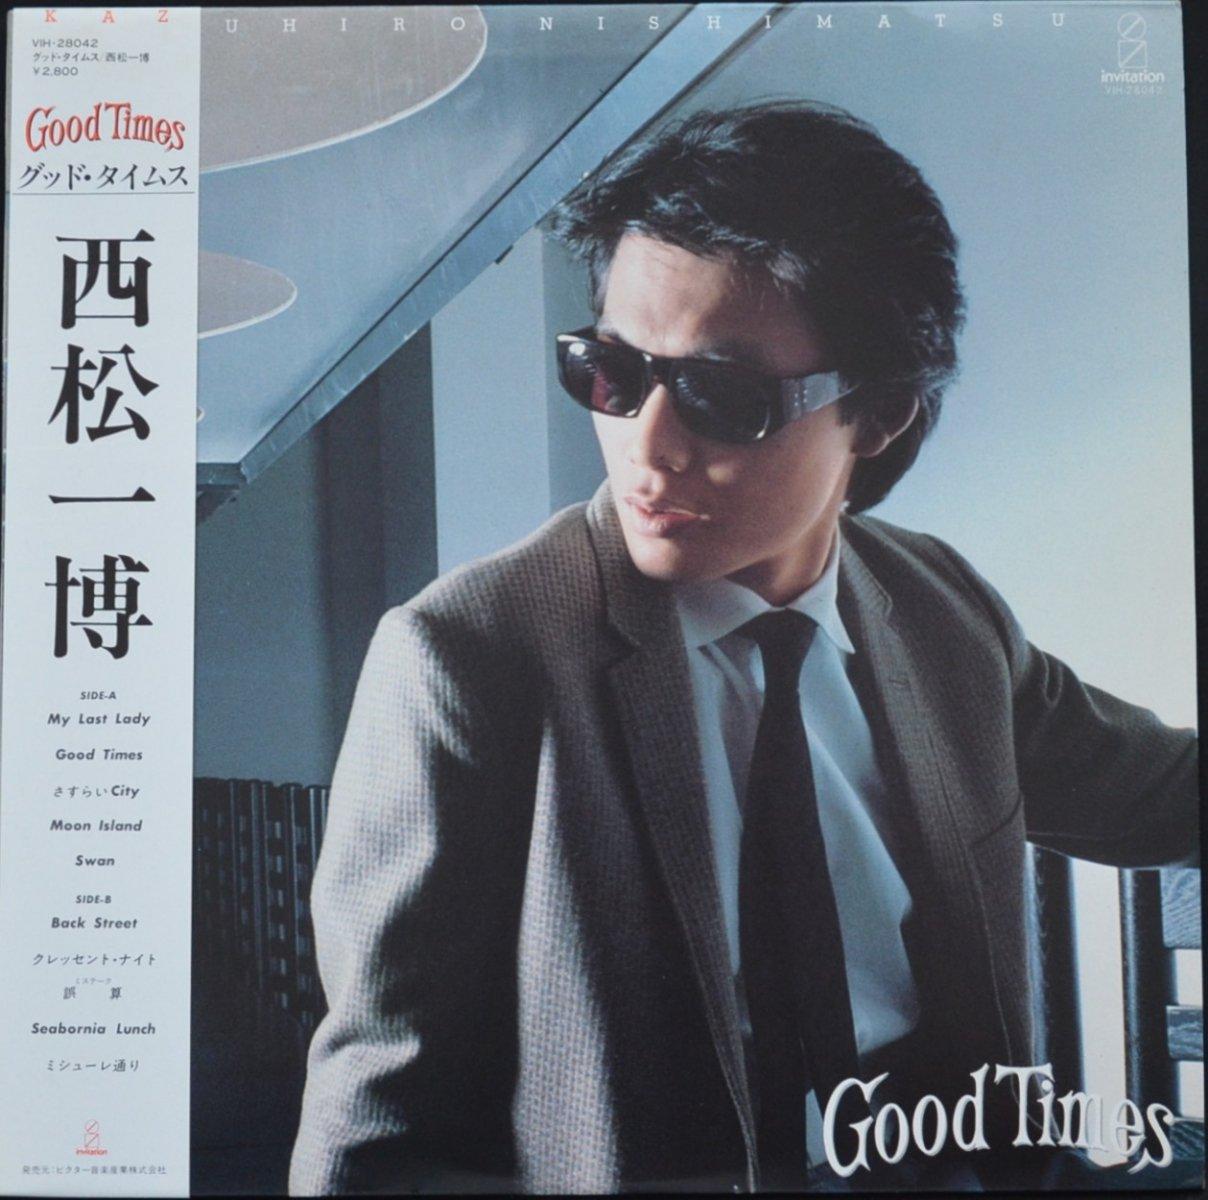 西松一博 KAZUHIRO NISHIMATSU / グッド・タイムス GOOD TIMES (LP)